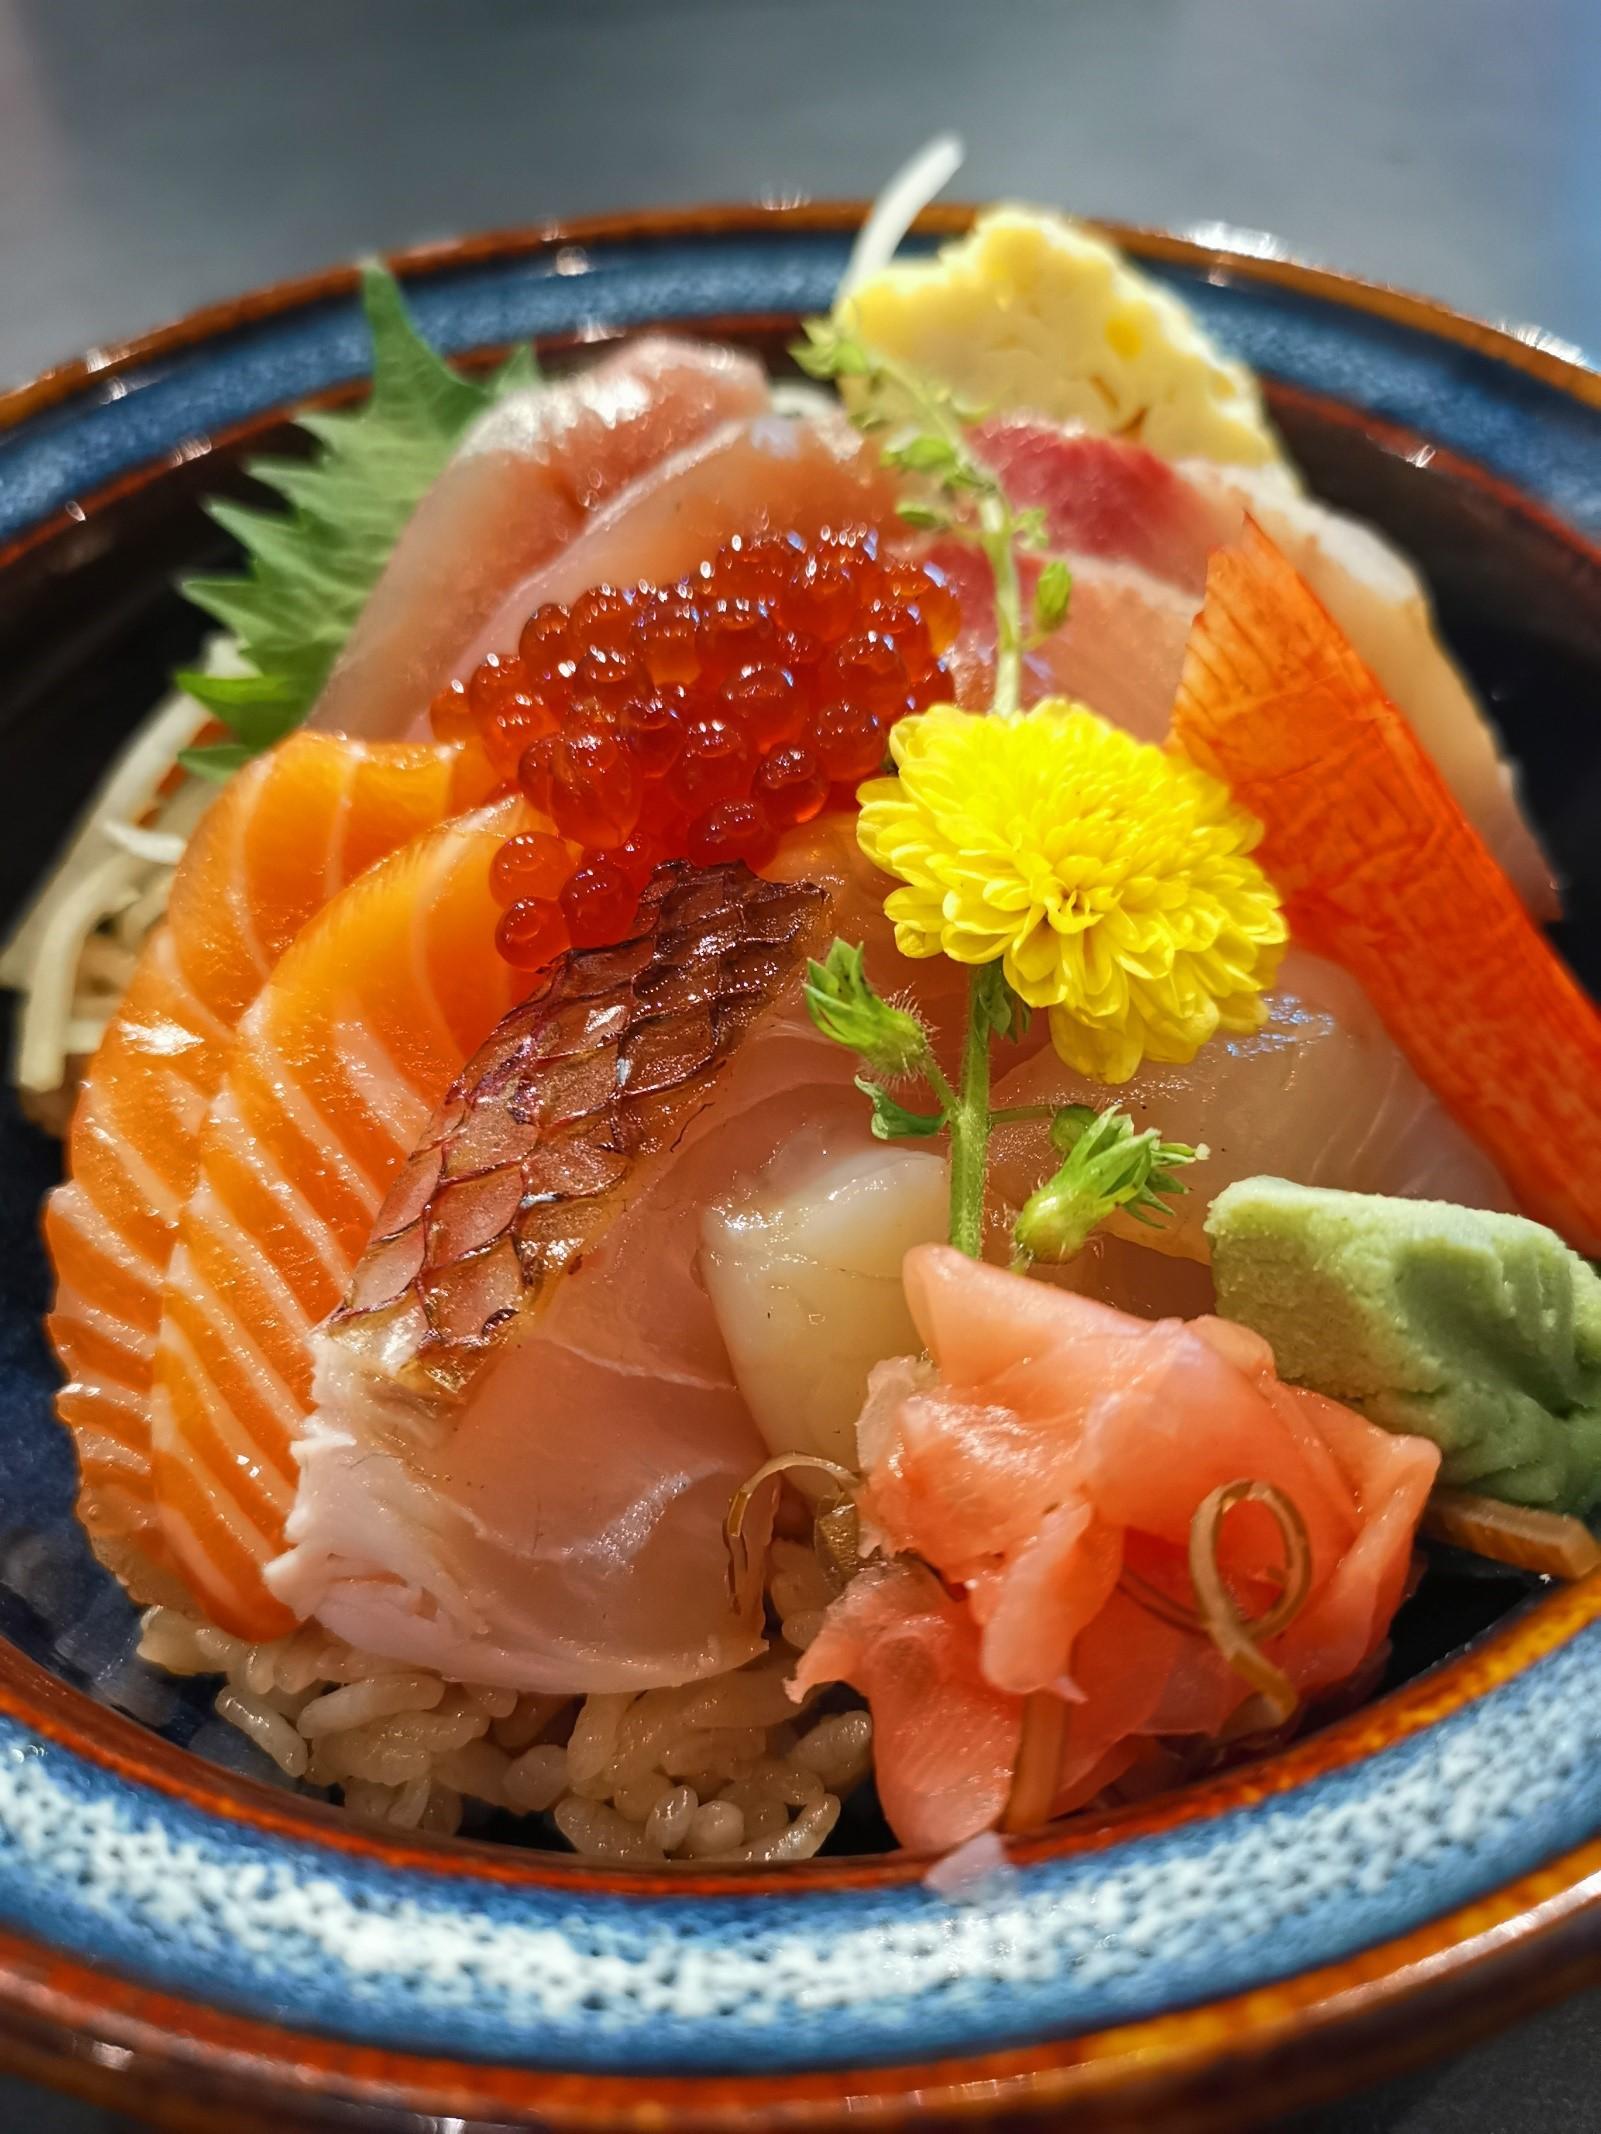 お寿司屋さん『平和』